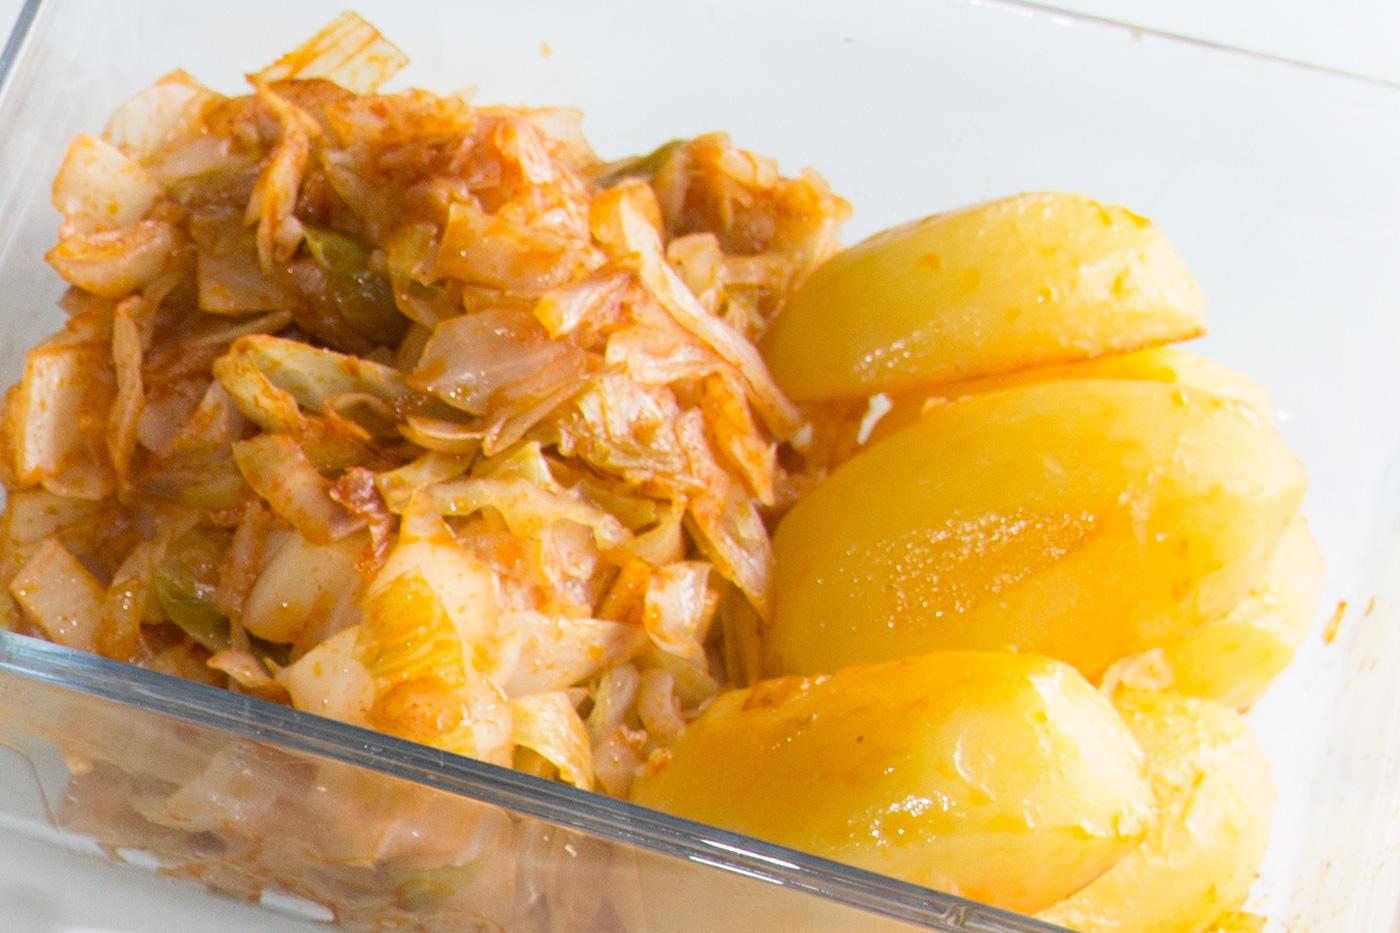 Col o berza con patatas al piment n i comando cocina for Cocinar repollo con patatas